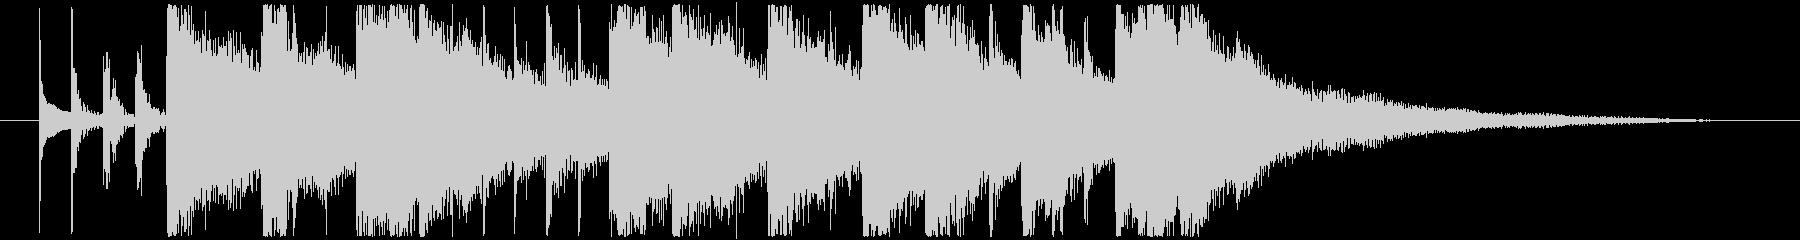 シタールによるインド風妖艶なロゴBの未再生の波形